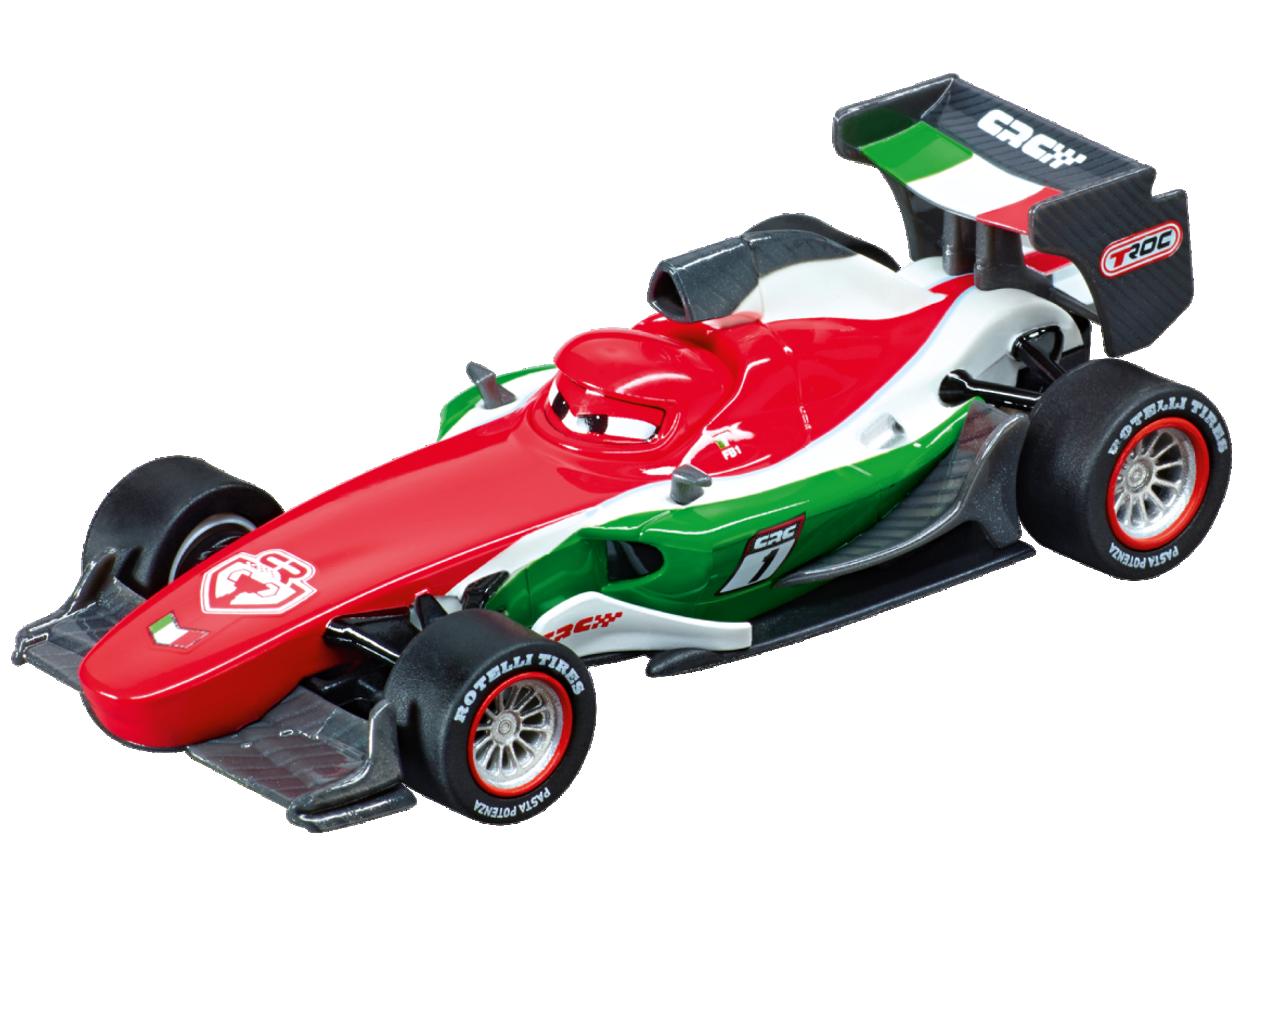 64051 Carrera Go Disney Pixar Car Carbon Francesco Bernoulli 1 43 Slot Car Great Traditions